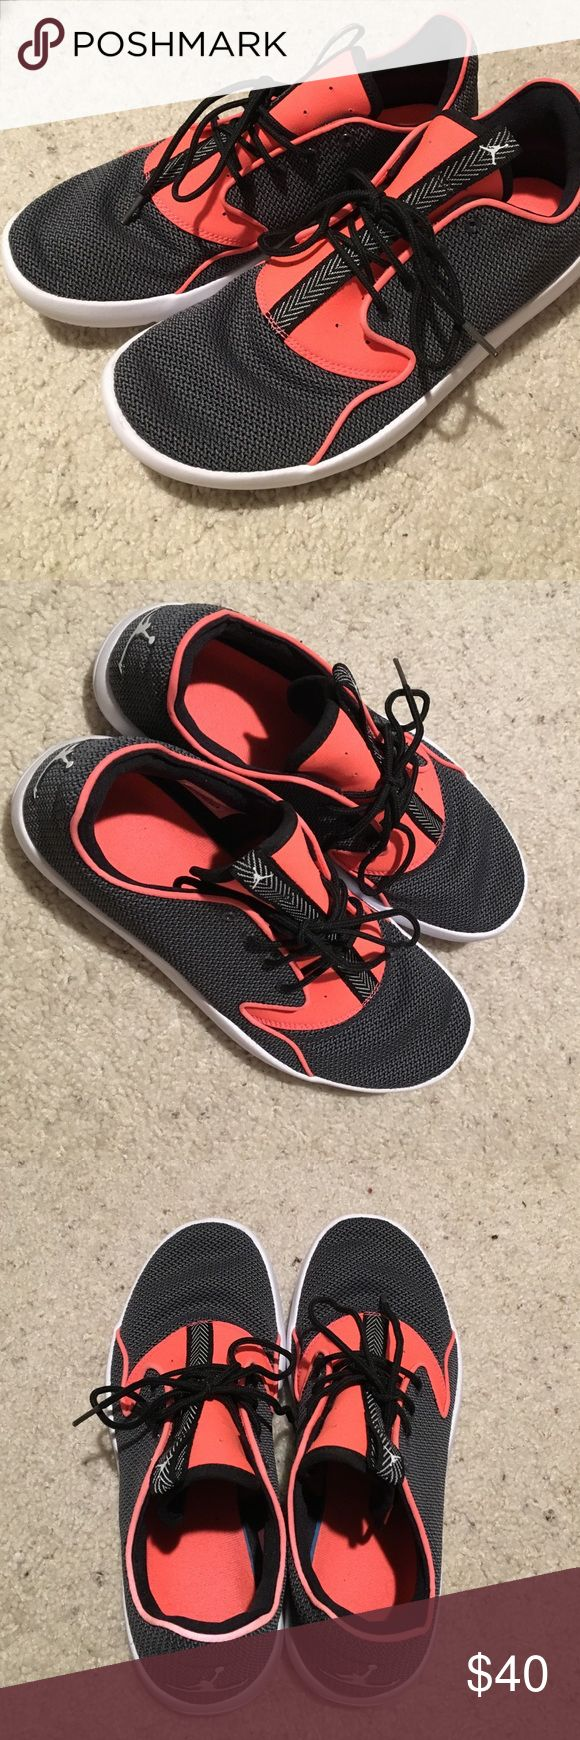 25 Best Ideas About Pink Jordans On Pinterest Shoes